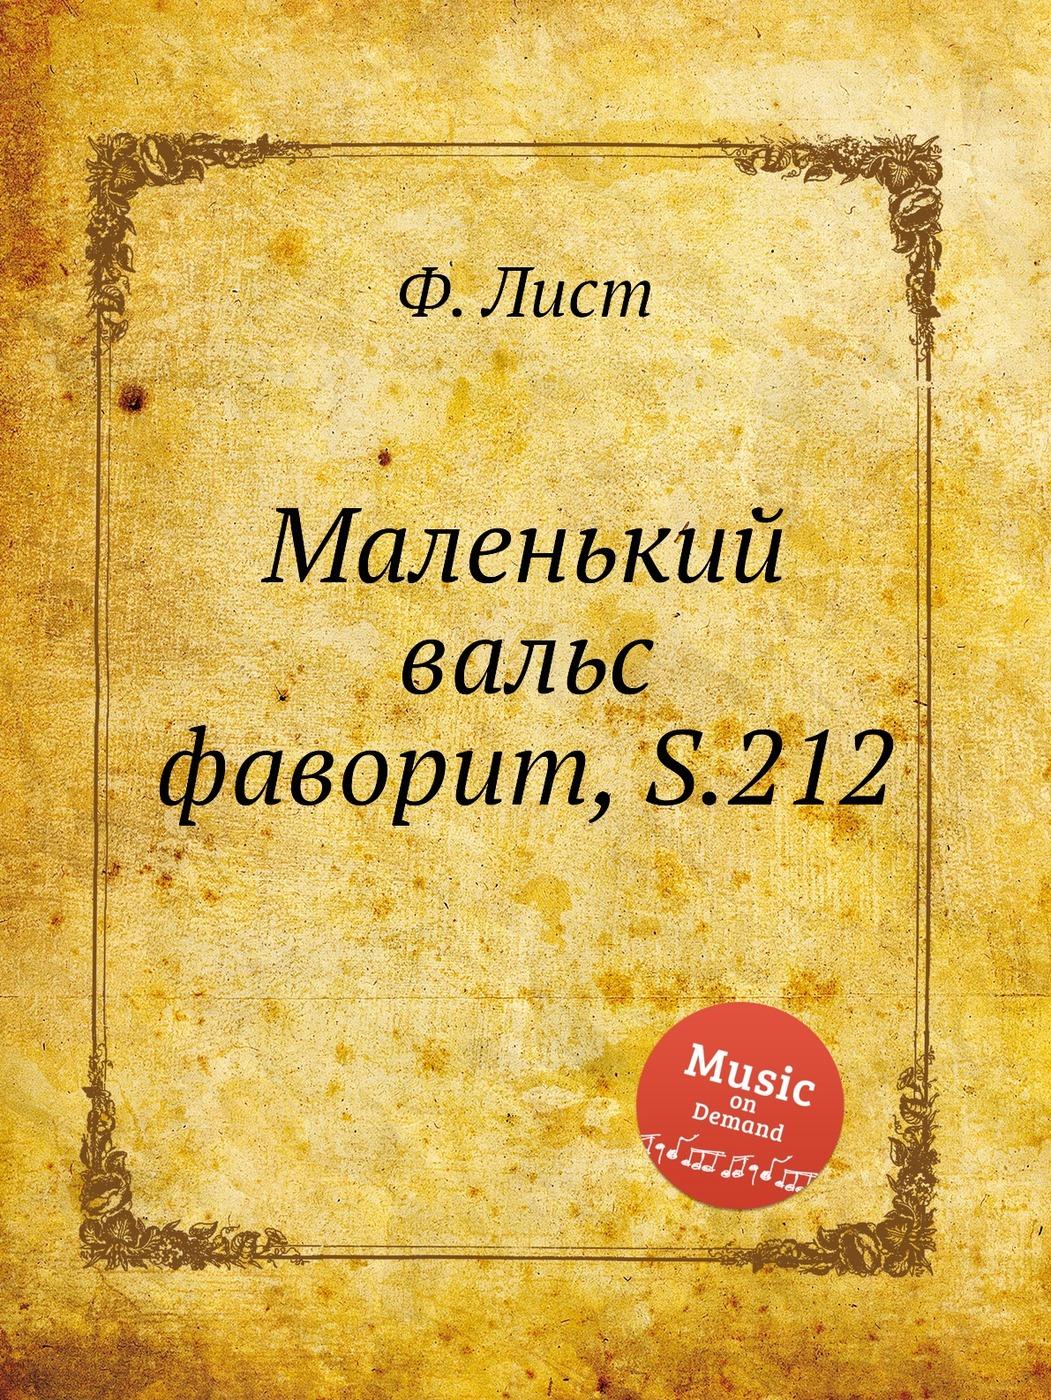 Маленький вальс фаворит, S.212